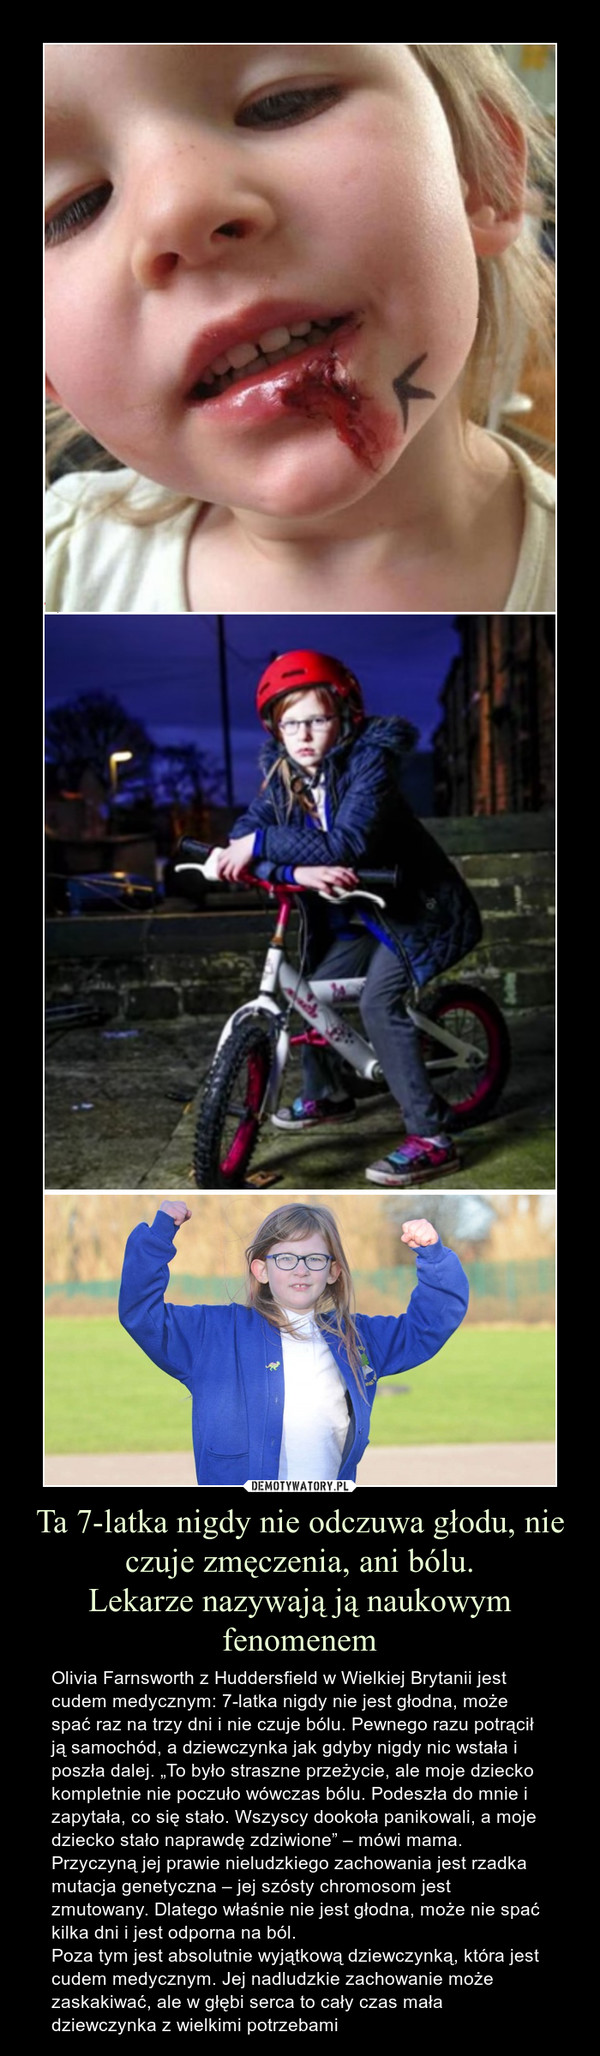 """Ta 7-latka nigdy nie odczuwa głodu, nie czuje zmęczenia, ani bólu.Lekarze nazywają ją naukowym fenomenem – Olivia Farnsworth z Huddersfield w Wielkiej Brytanii jest cudem medycznym: 7-latka nigdy nie jest głodna, może spać raz na trzy dni i nie czuje bólu. Pewnego razu potrącił ją samochód, a dziewczynka jak gdyby nigdy nic wstała i poszła dalej. """"To było straszne przeżycie, ale moje dziecko kompletnie nie poczuło wówczas bólu. Podeszła do mnie i zapytała, co się stało. Wszyscy dookoła panikowali, a moje dziecko stało naprawdę zdziwione"""" – mówi mama.Przyczyną jej prawie nieludzkiego zachowania jest rzadka mutacja genetyczna – jej szósty chromosom jest zmutowany. Dlatego właśnie nie jest głodna, może nie spać kilka dni i jest odporna na ból.Poza tym jest absolutnie wyjątkową dziewczynką, która jest cudem medycznym. Jej nadludzkie zachowanie może zaskakiwać, ale w głębi serca to cały czas mała dziewczynka z wielkimi potrzebami"""